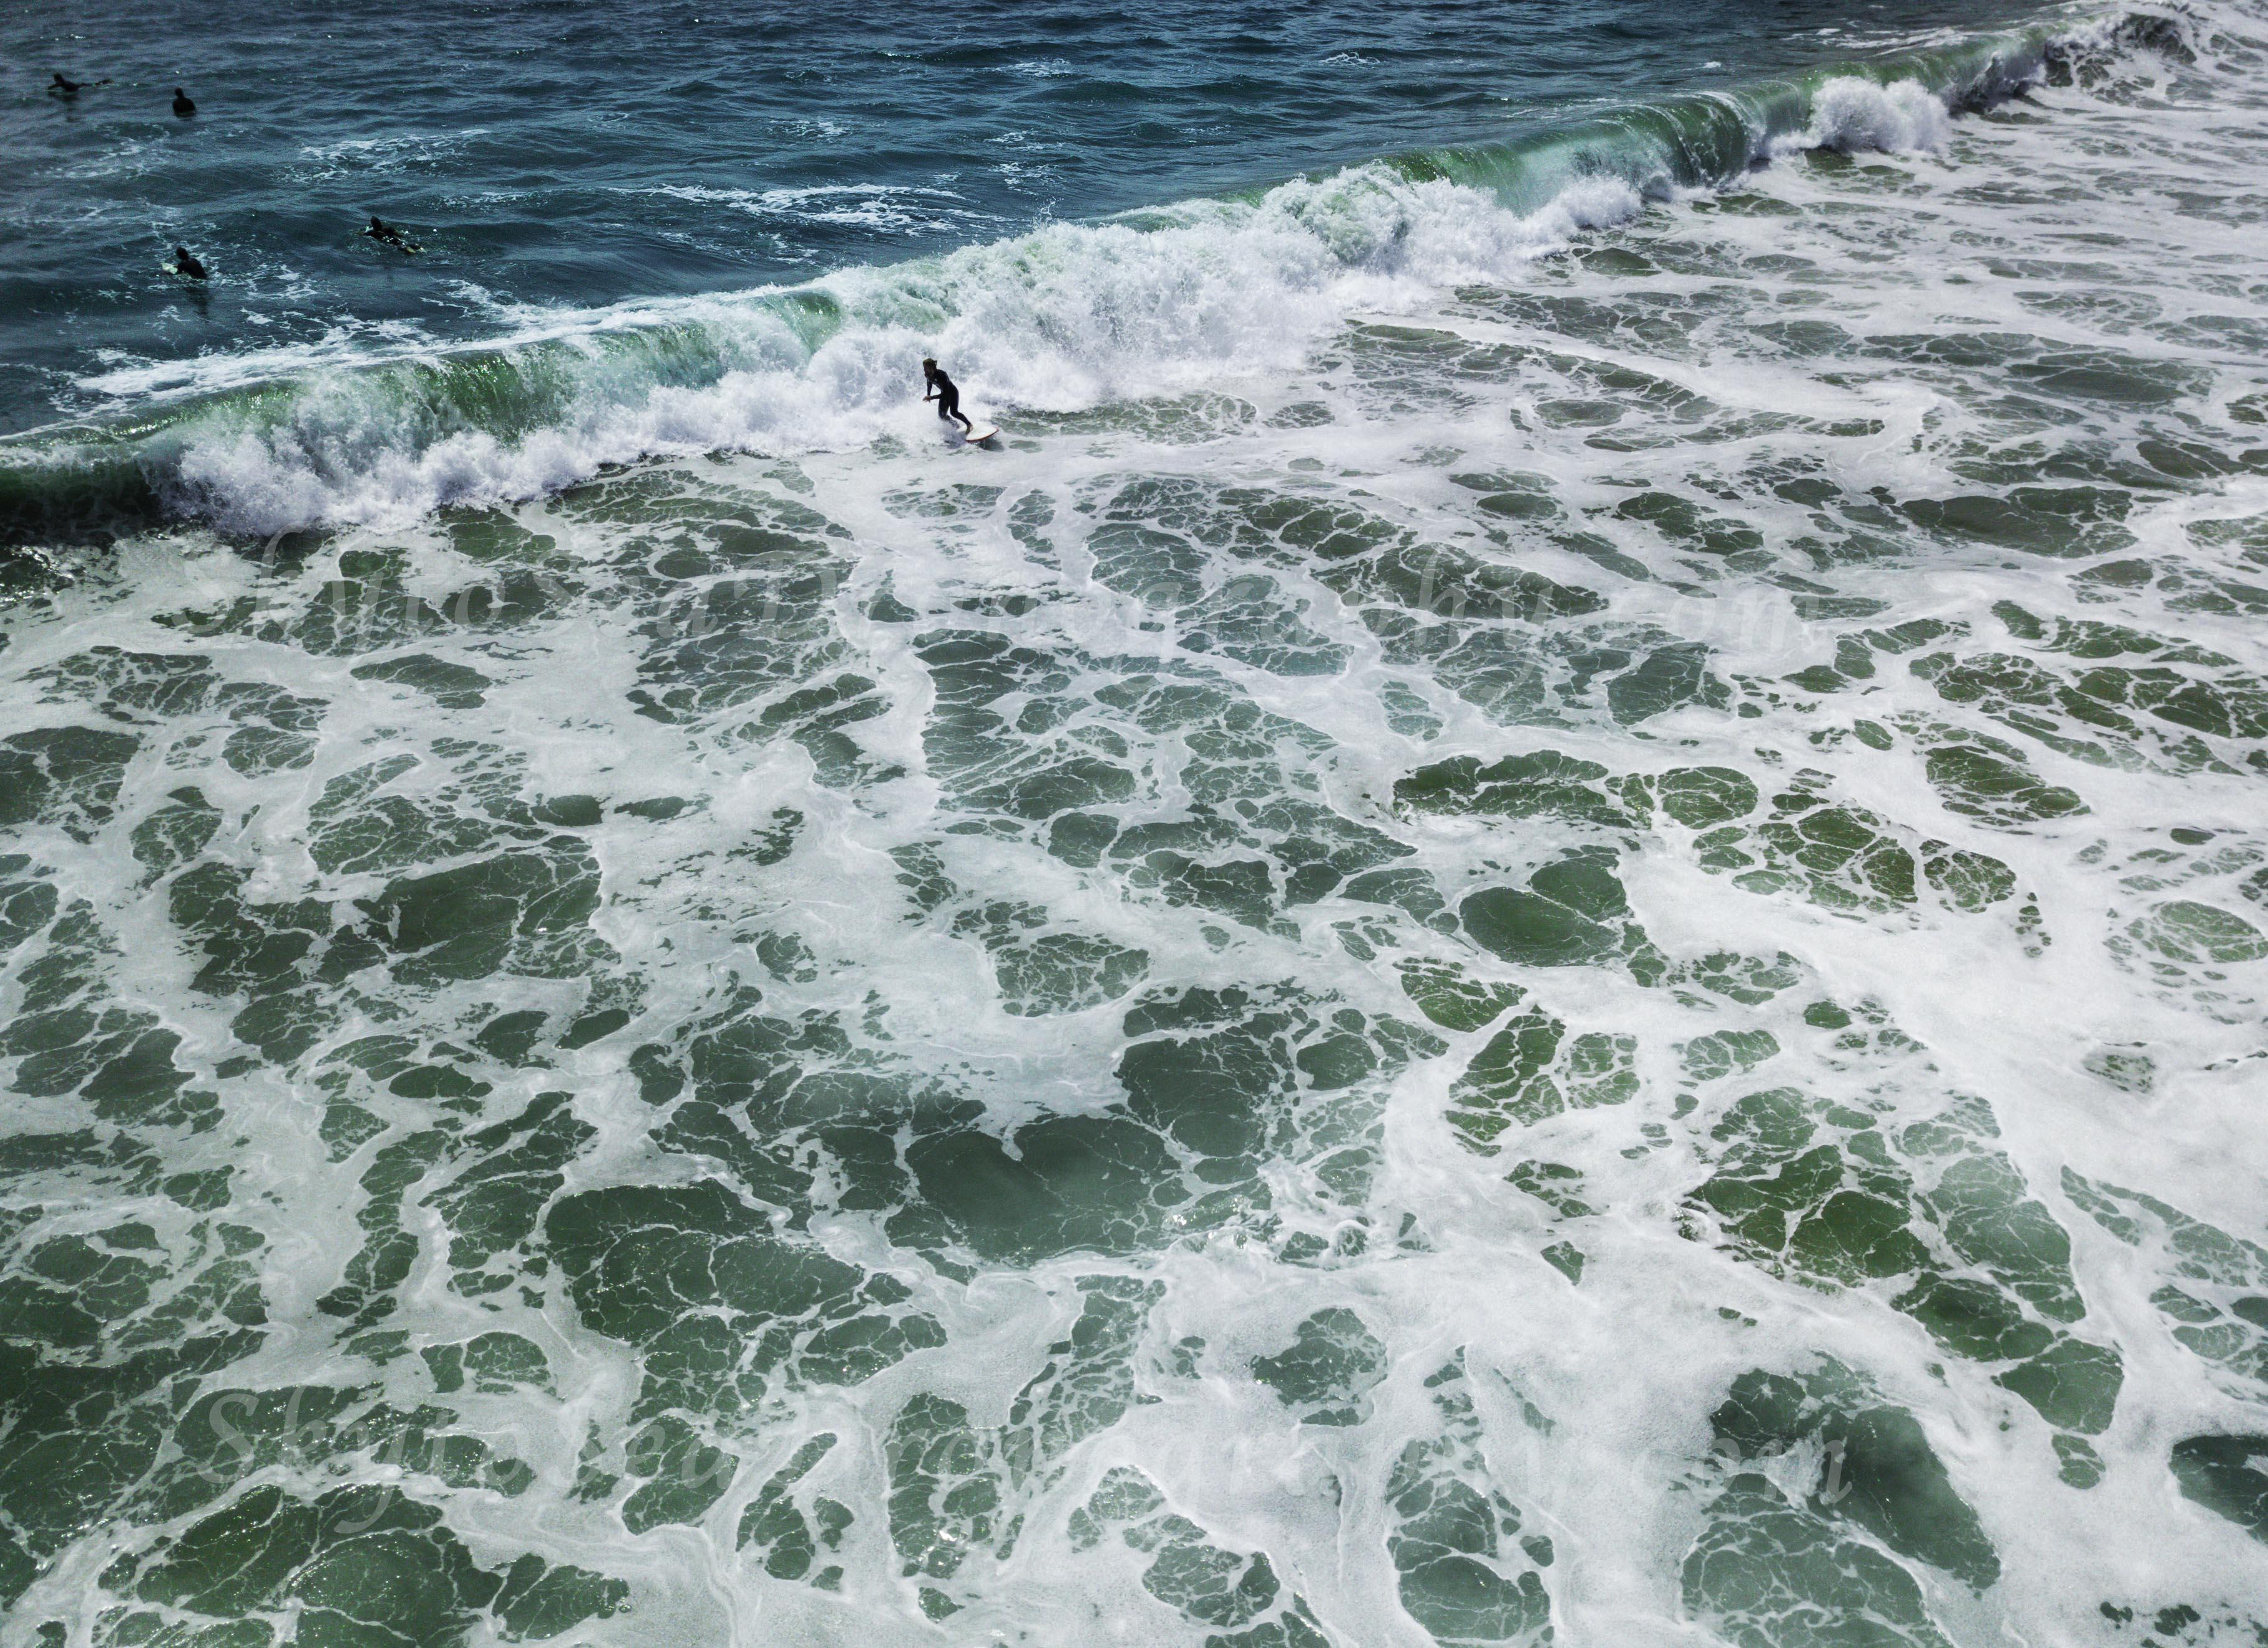 Surfing Whitewash WM